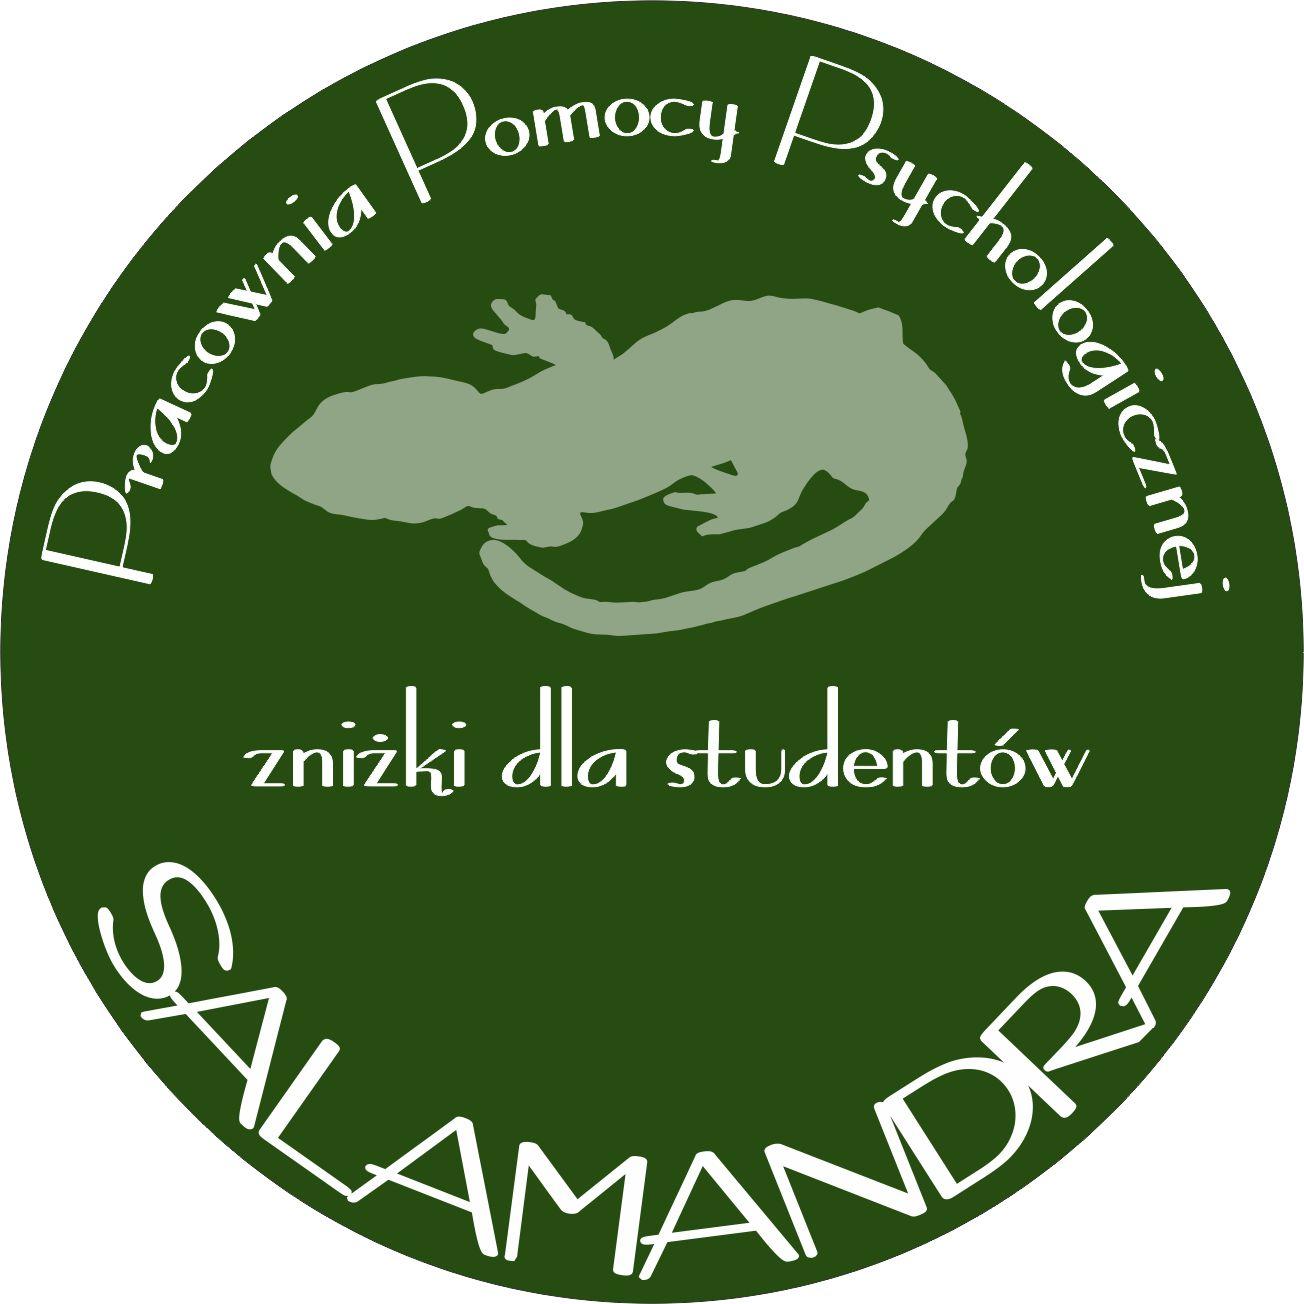 Zniżki dla studentów u psychologa